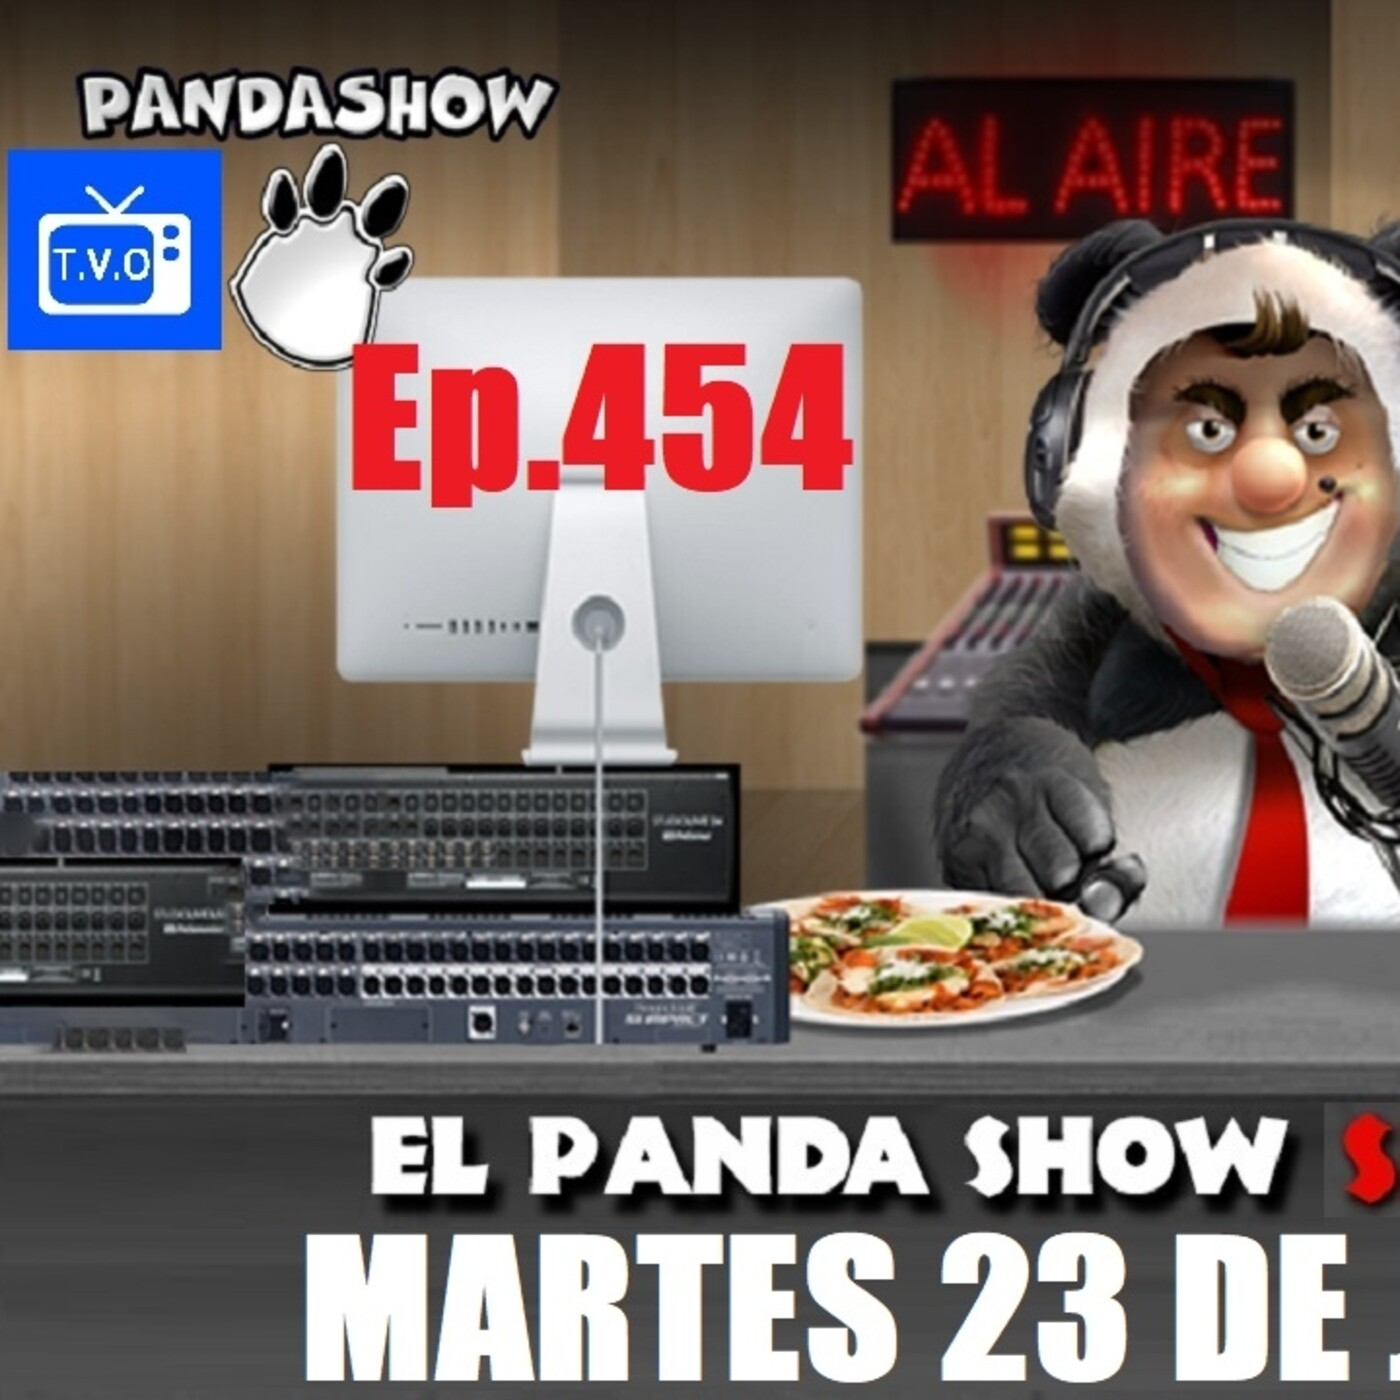 EL PANDA SHOW Ep. 454 MARTES 23 DE JUNIO 2020